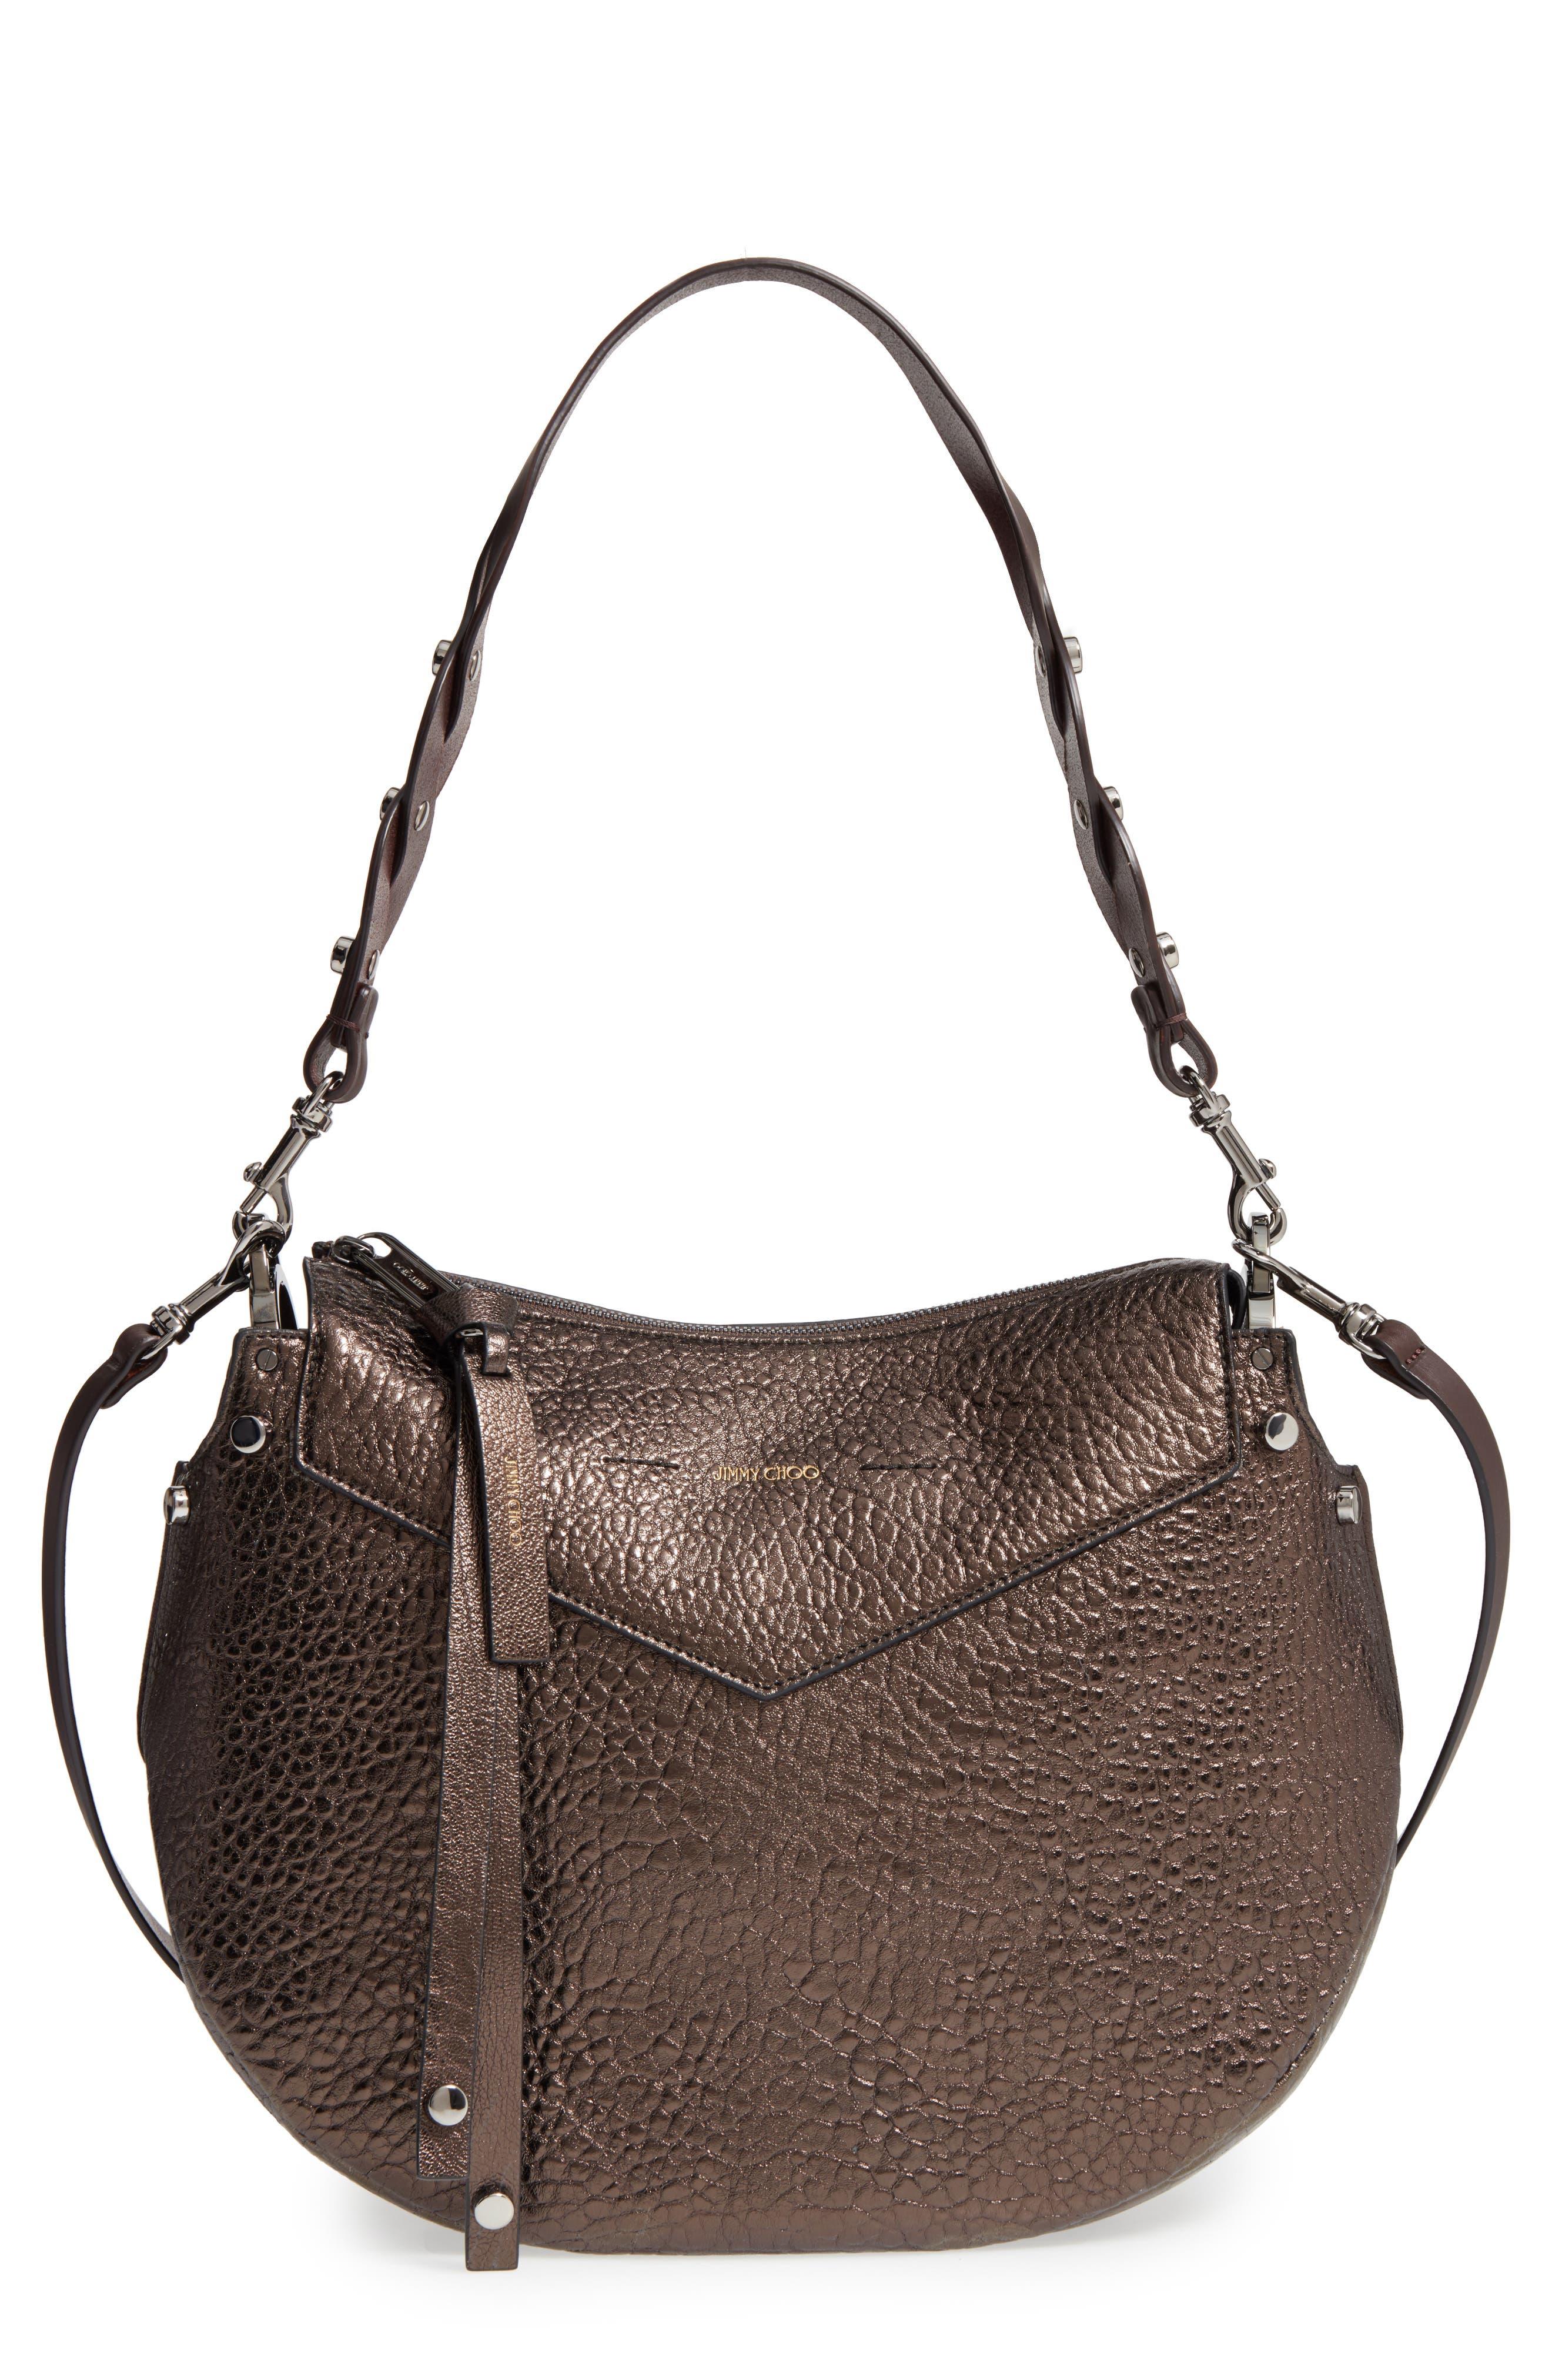 Jimmy Choo Artie Metallic Leather Hobo Bag